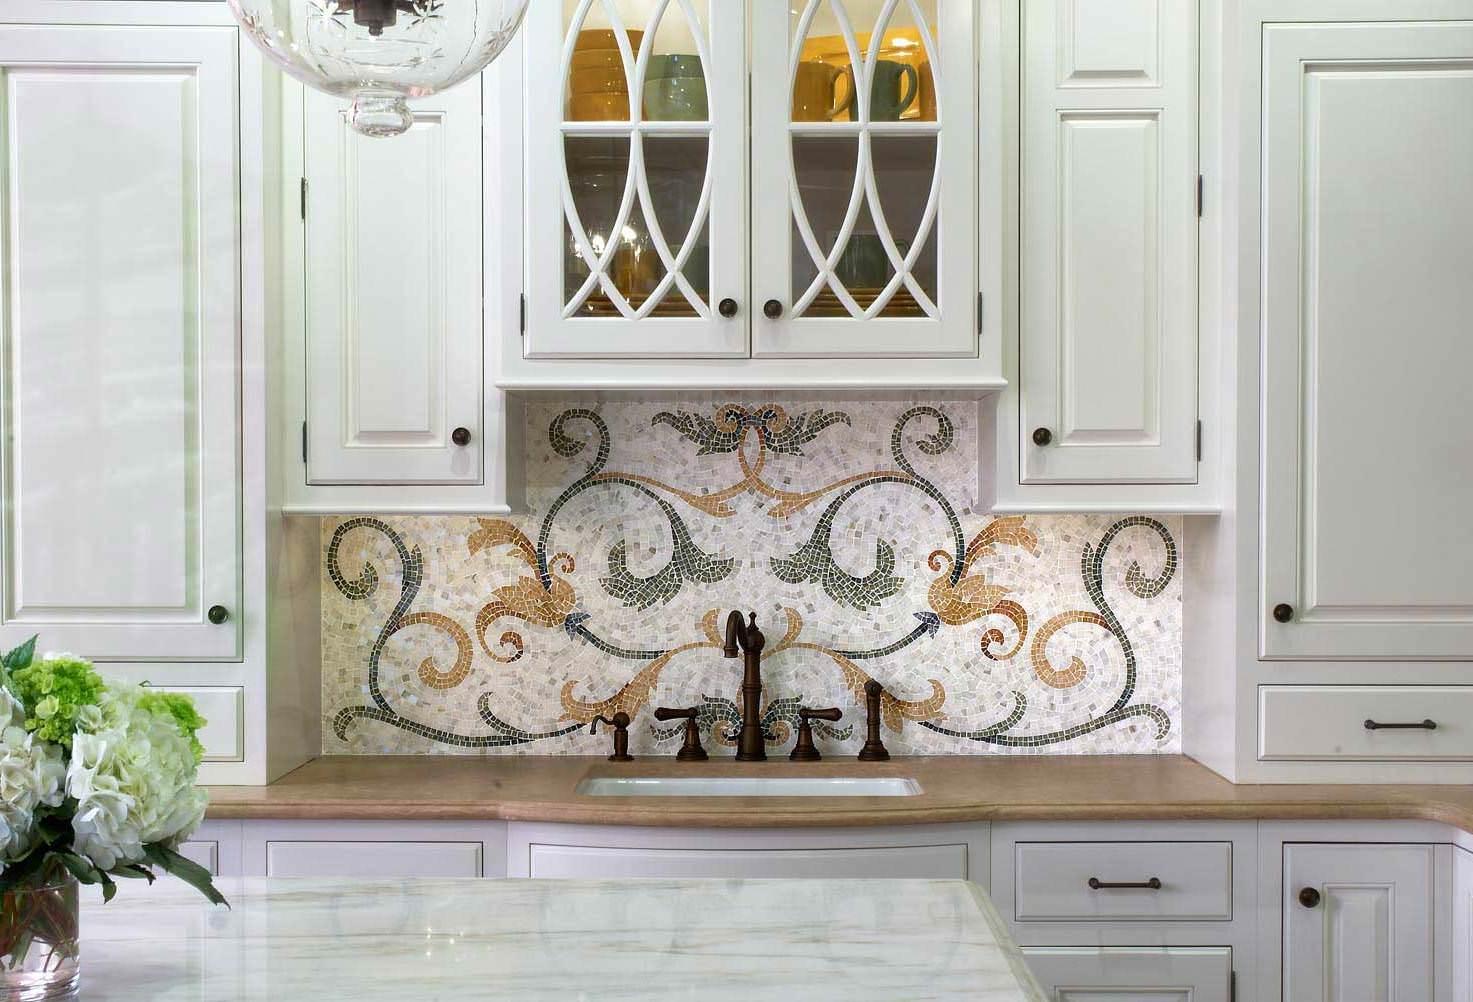 Римский узор из мозаики на фартуке кухни